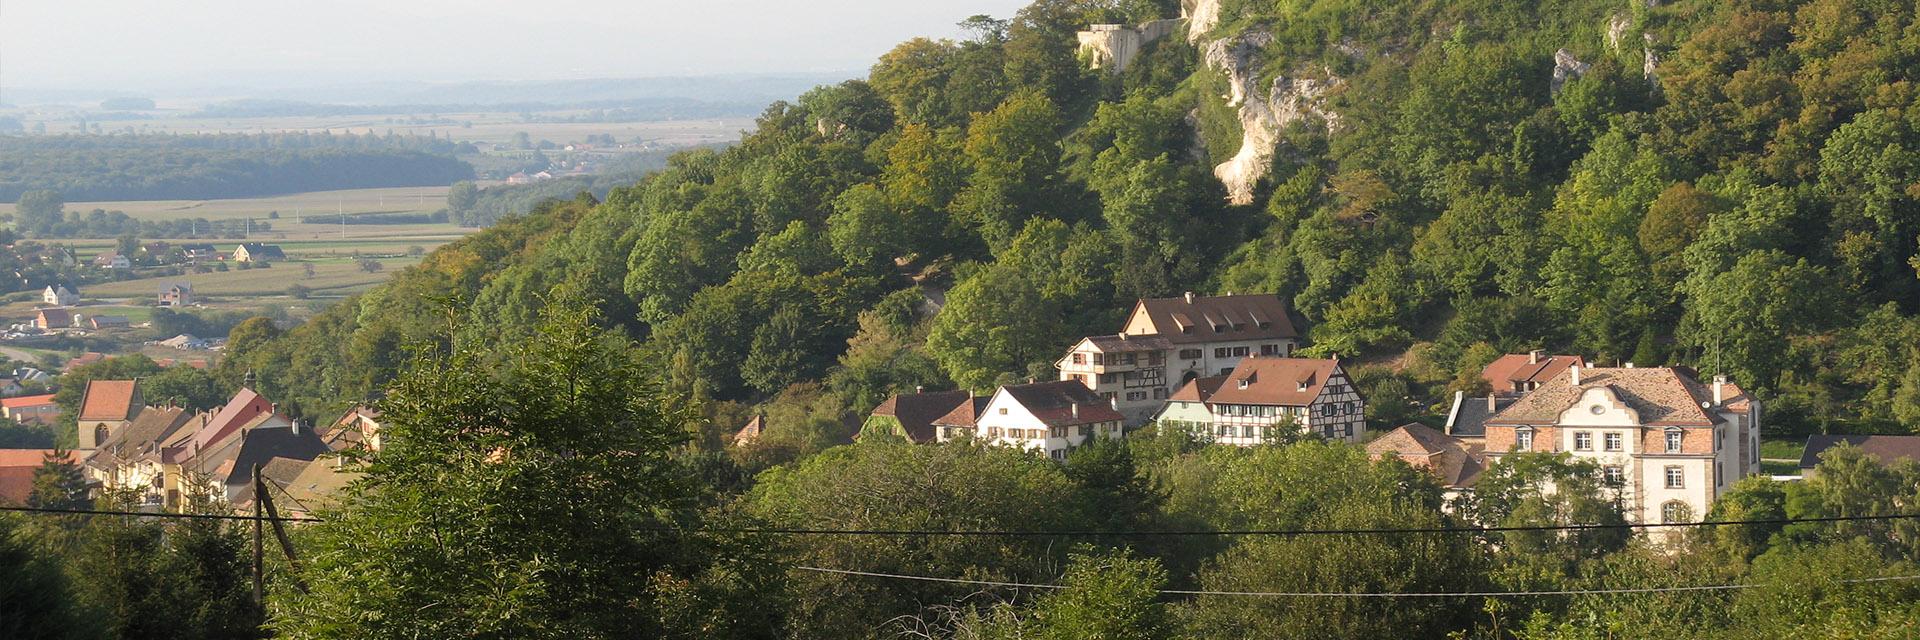 Village_club_vacances_alsace-relais-saint-bernard-montagne